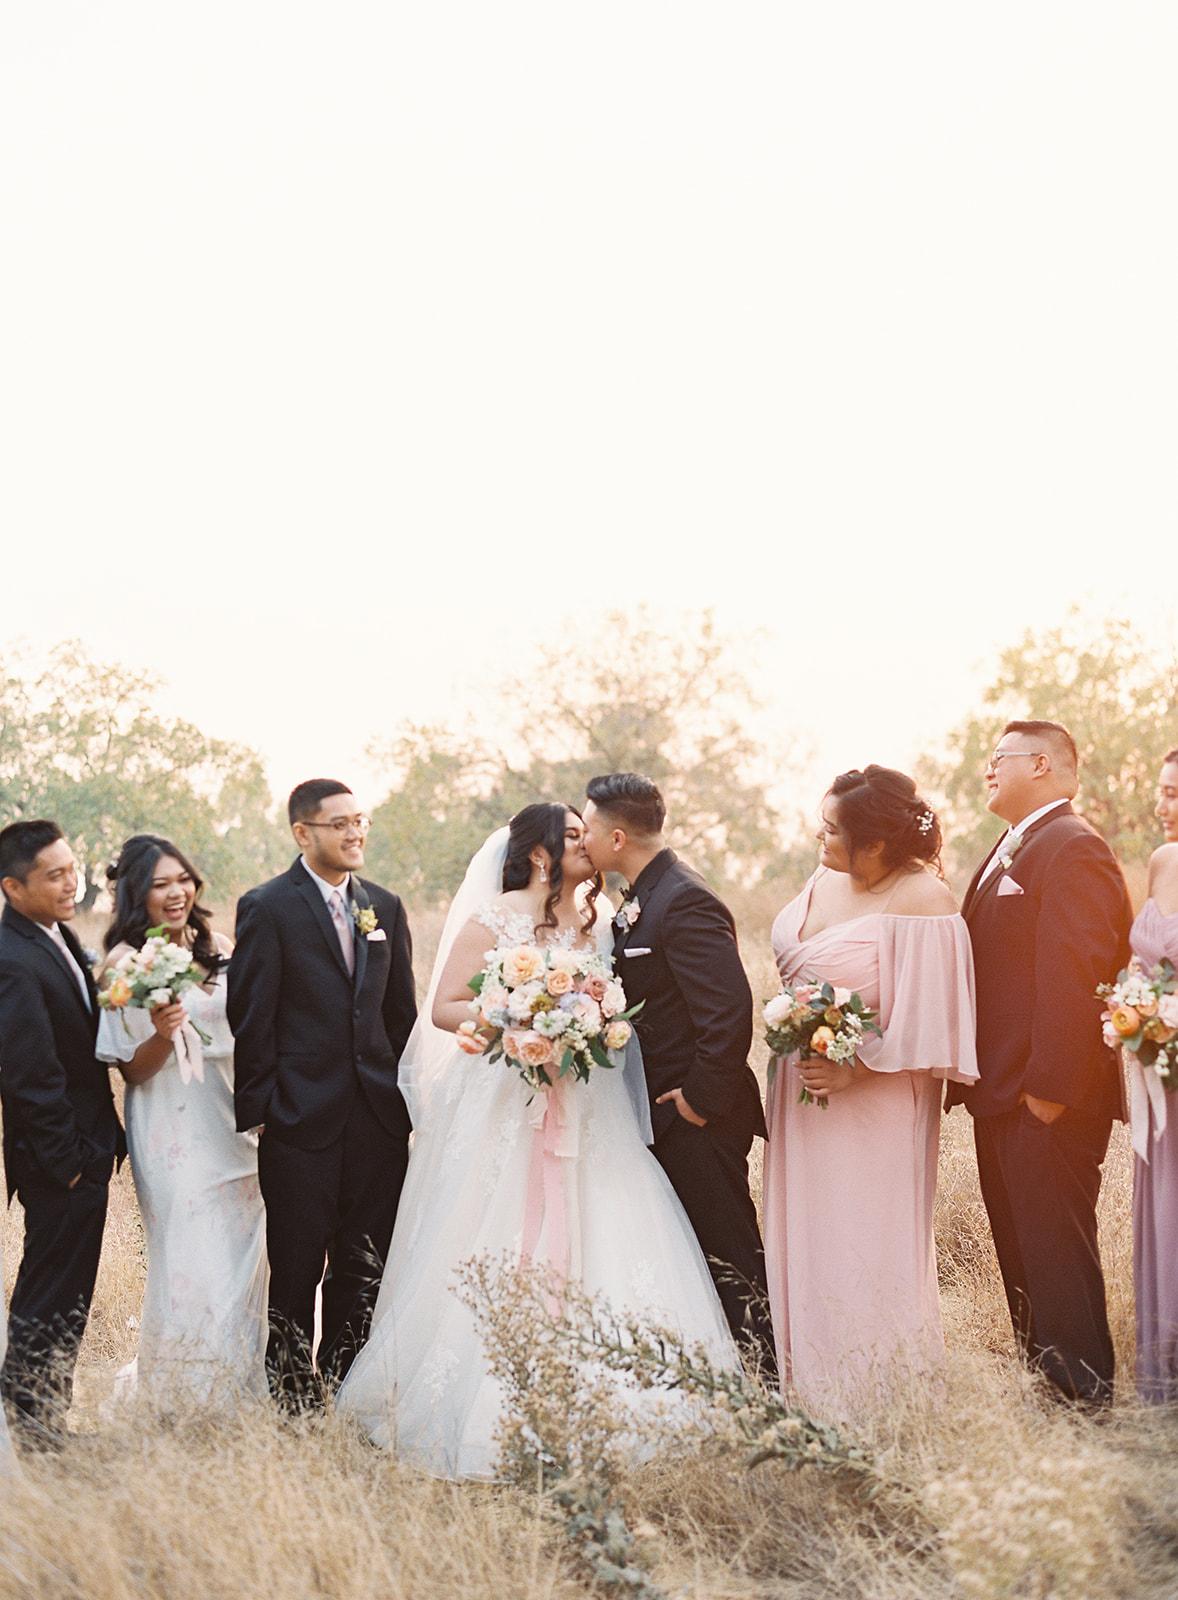 NathalieChengPhotography_AiahMichael_Wedding_750.jpg